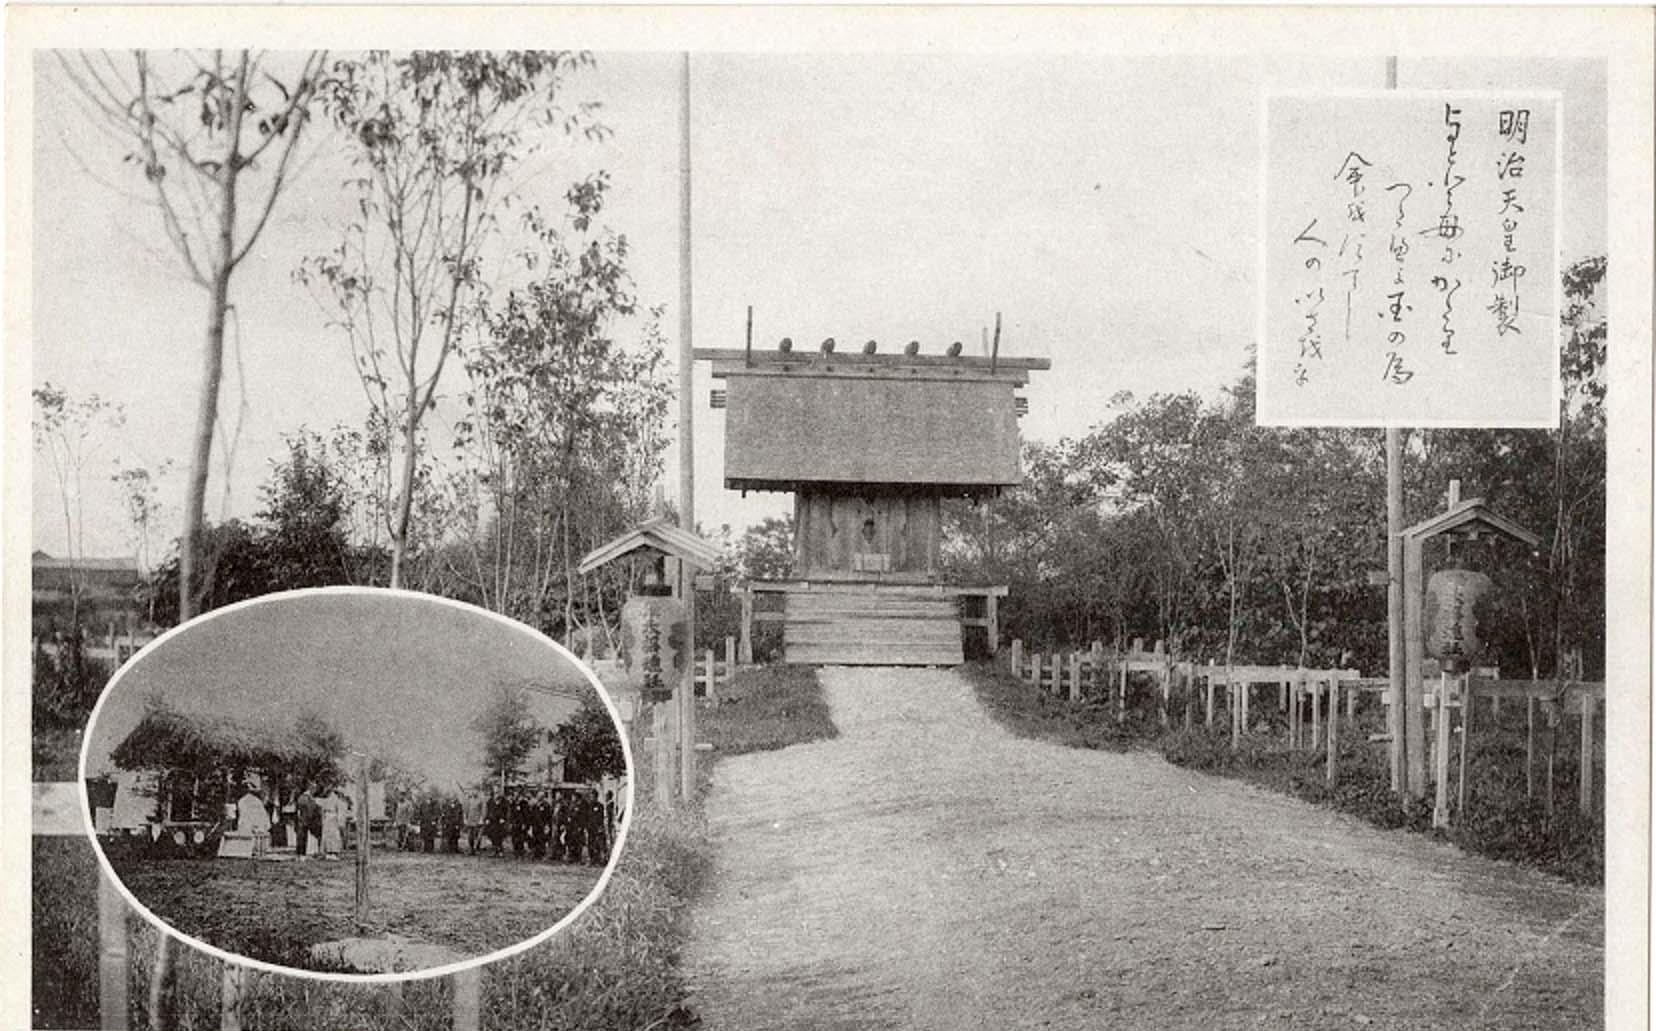 Dolinsk. Temple Nishikubo Toyoichiro, 1928